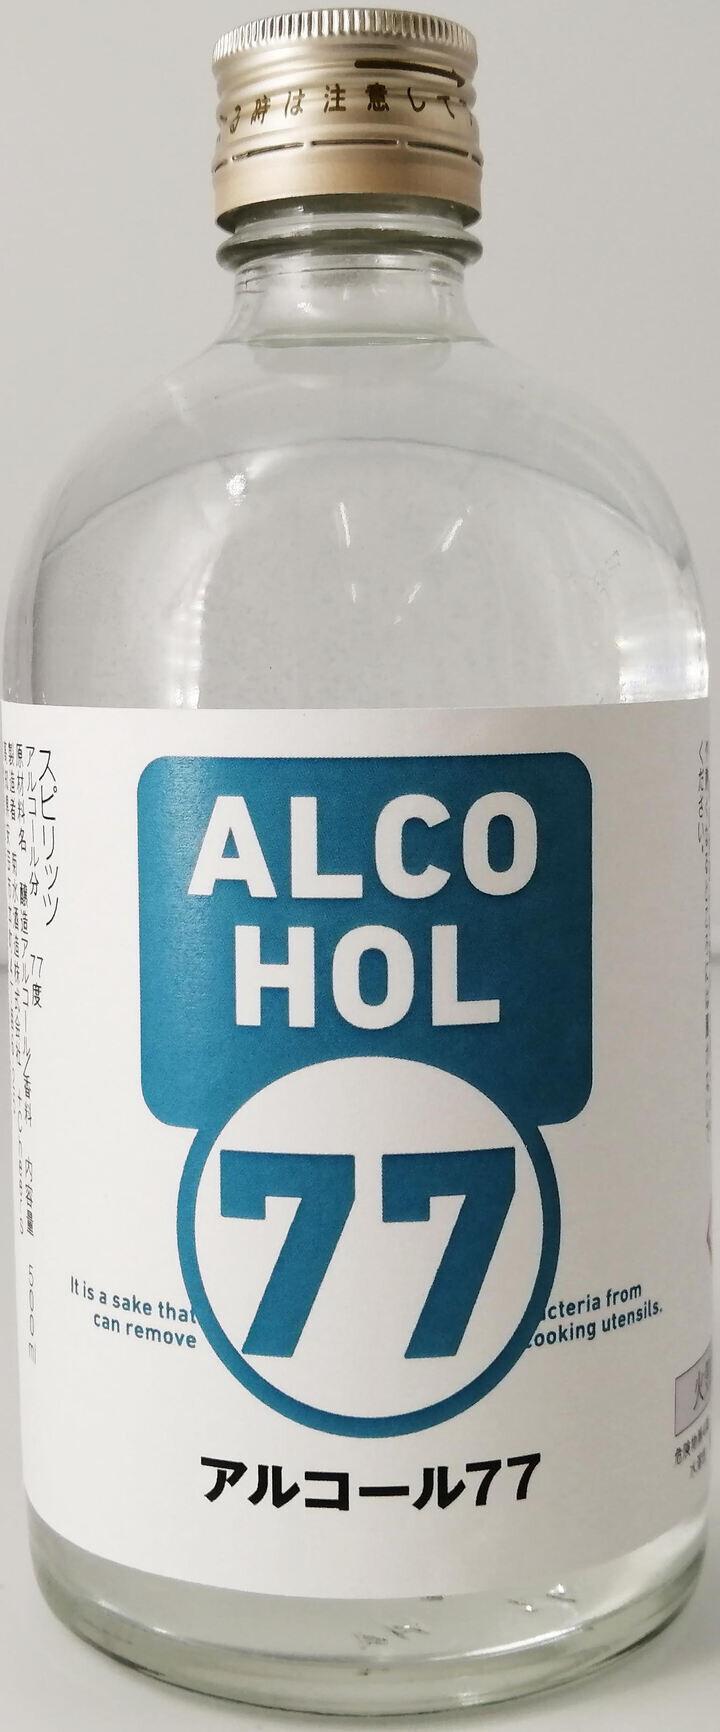 【泥酔】菊水酒造、決して消毒用ではない77%の強烈スピリッツを販売開始 (※画像あり)